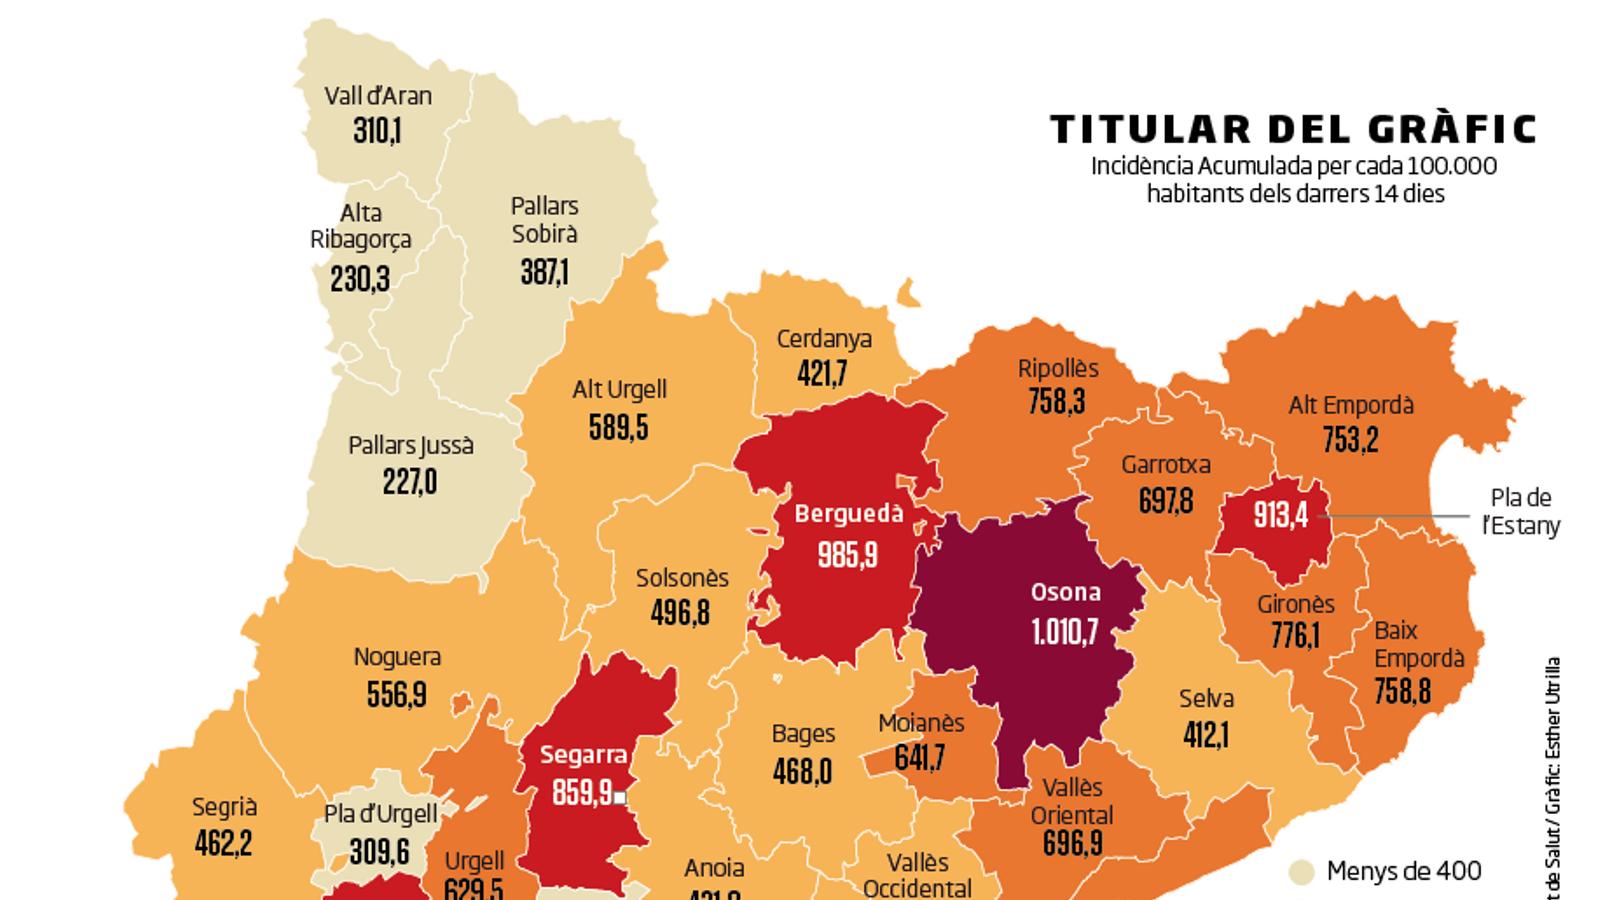 El mapa mostra la incidència acumulada per cada 100.000 habitants registrada els darrers 14 dies